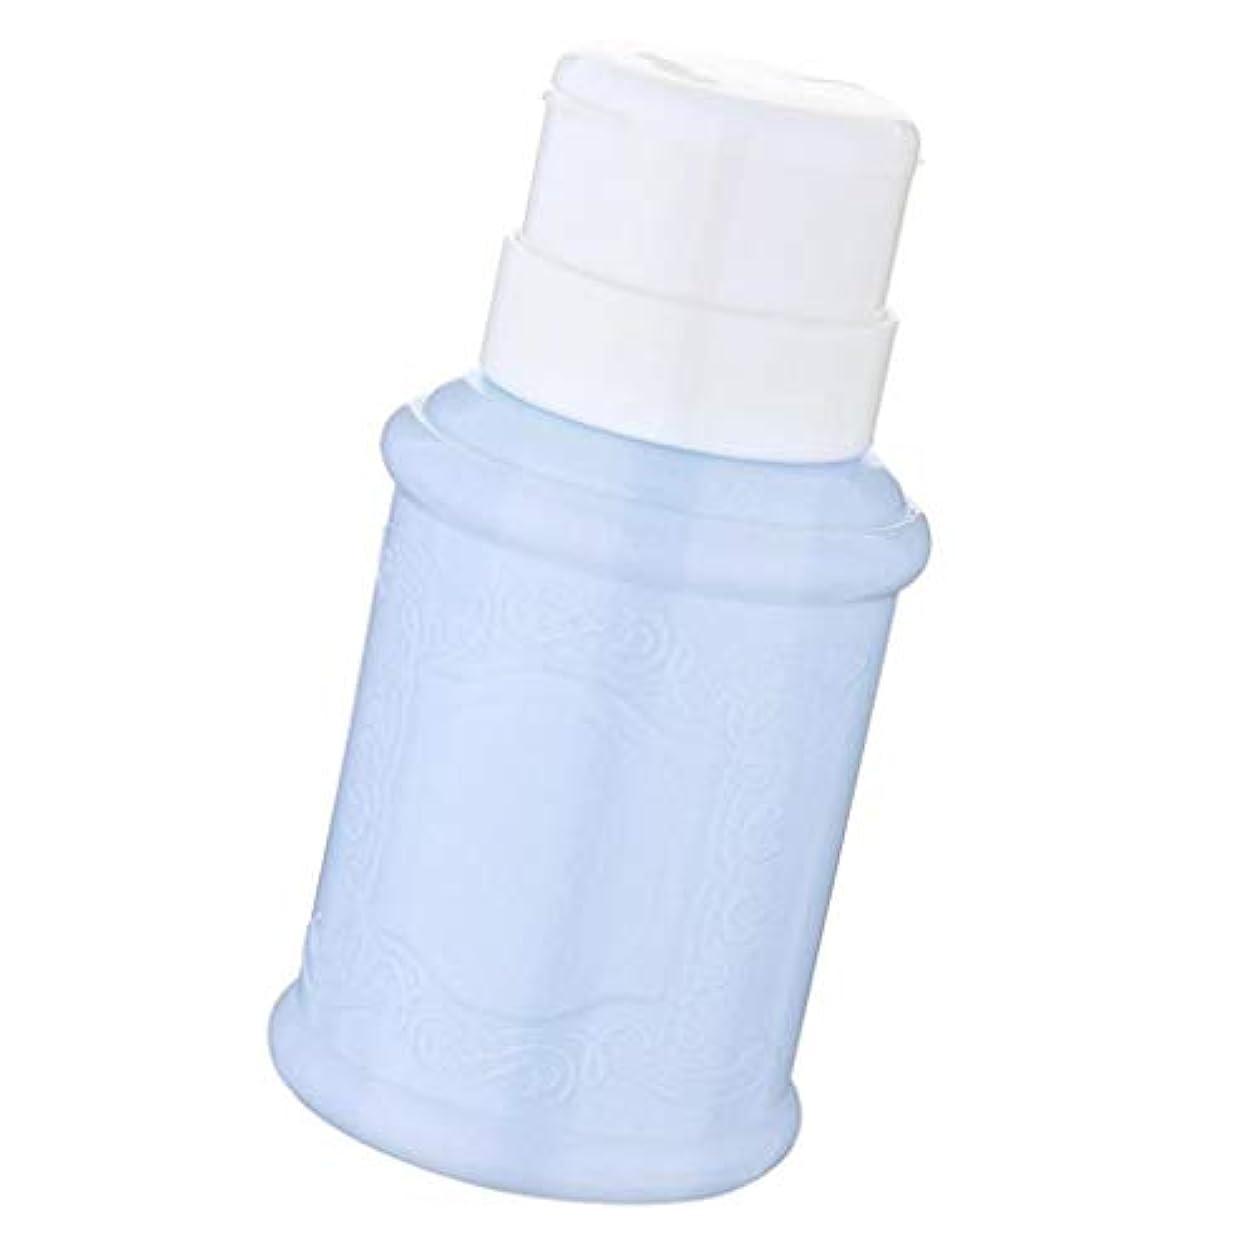 バッジ写真のテナントポンプディスペンサー ネイル リットル空ポンプ ネイルクリーナーボトル 全3色 - 青